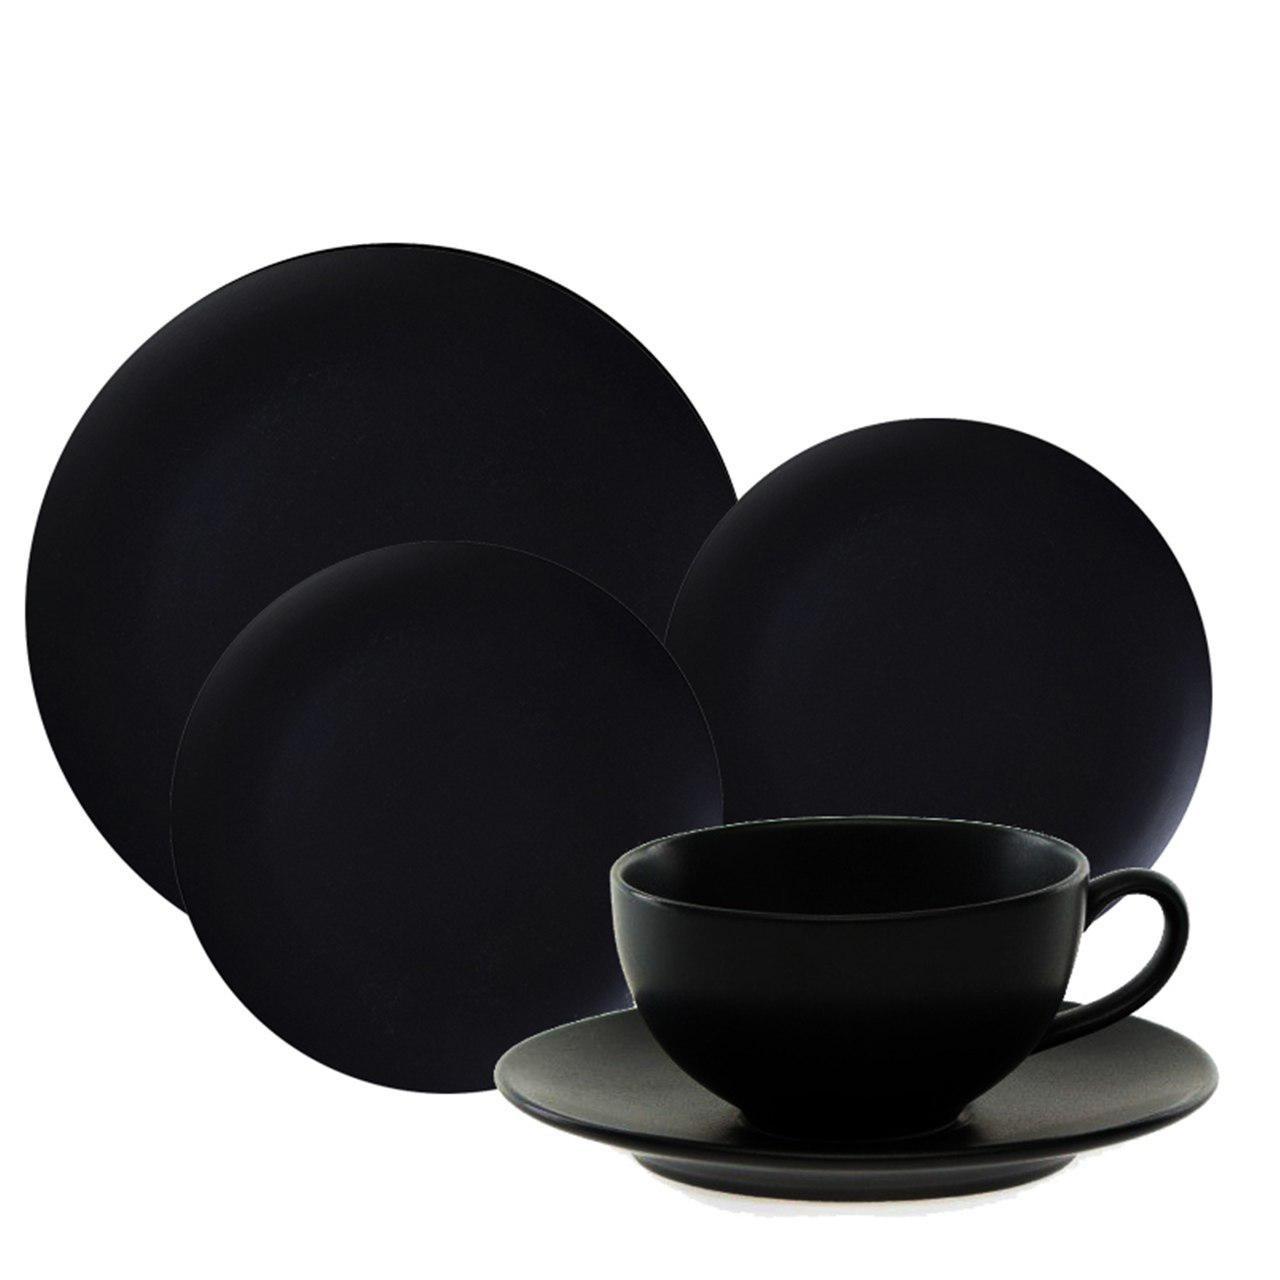 سرویس غذاخوری 30 پارچه آکسفورد مدل Black